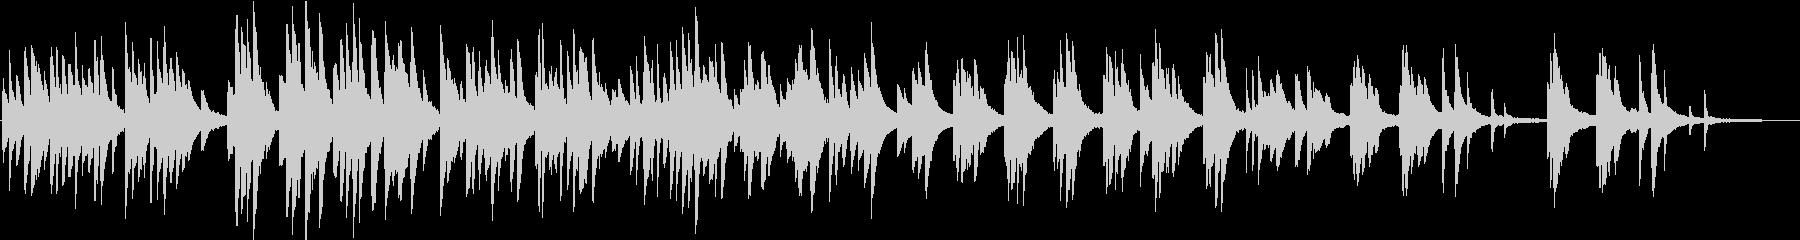 ピアノの優しい曲の未再生の波形